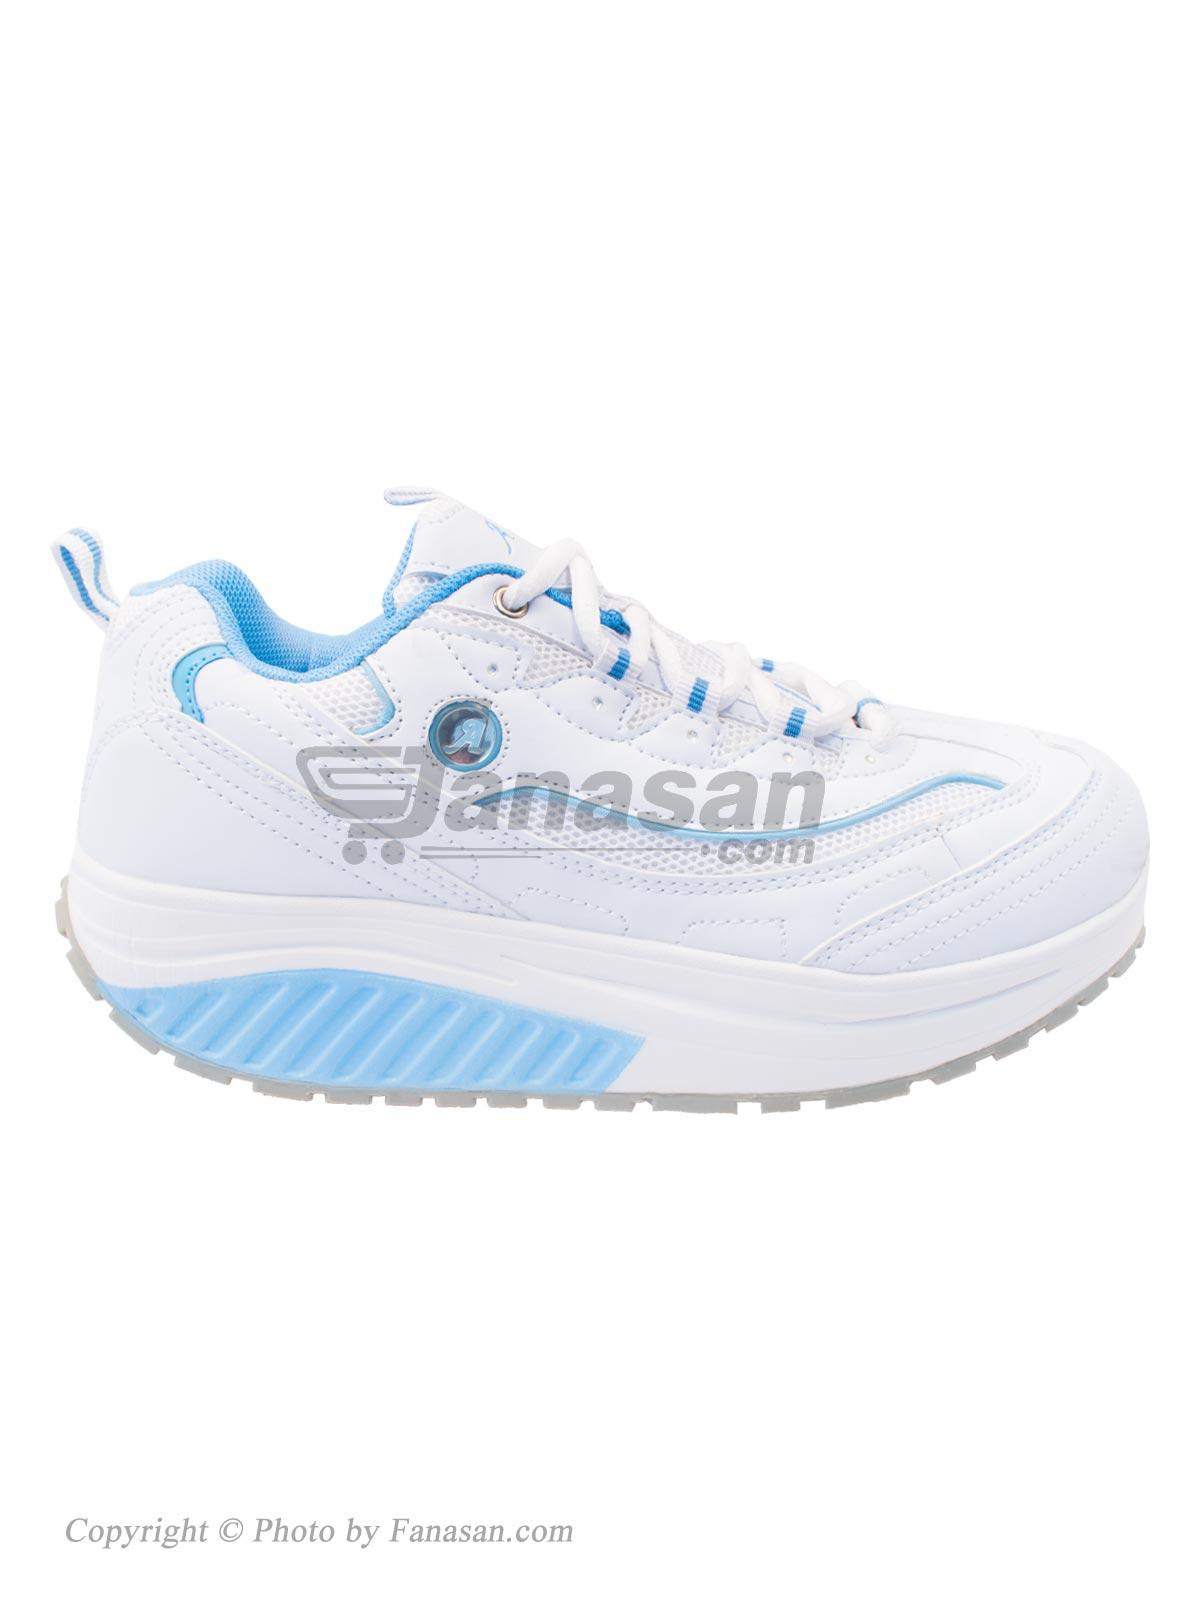 کفش زنانه آلبرتینی نهرین مخصوص پیاده روی مدل پرفکت سفید آبی سایز 41